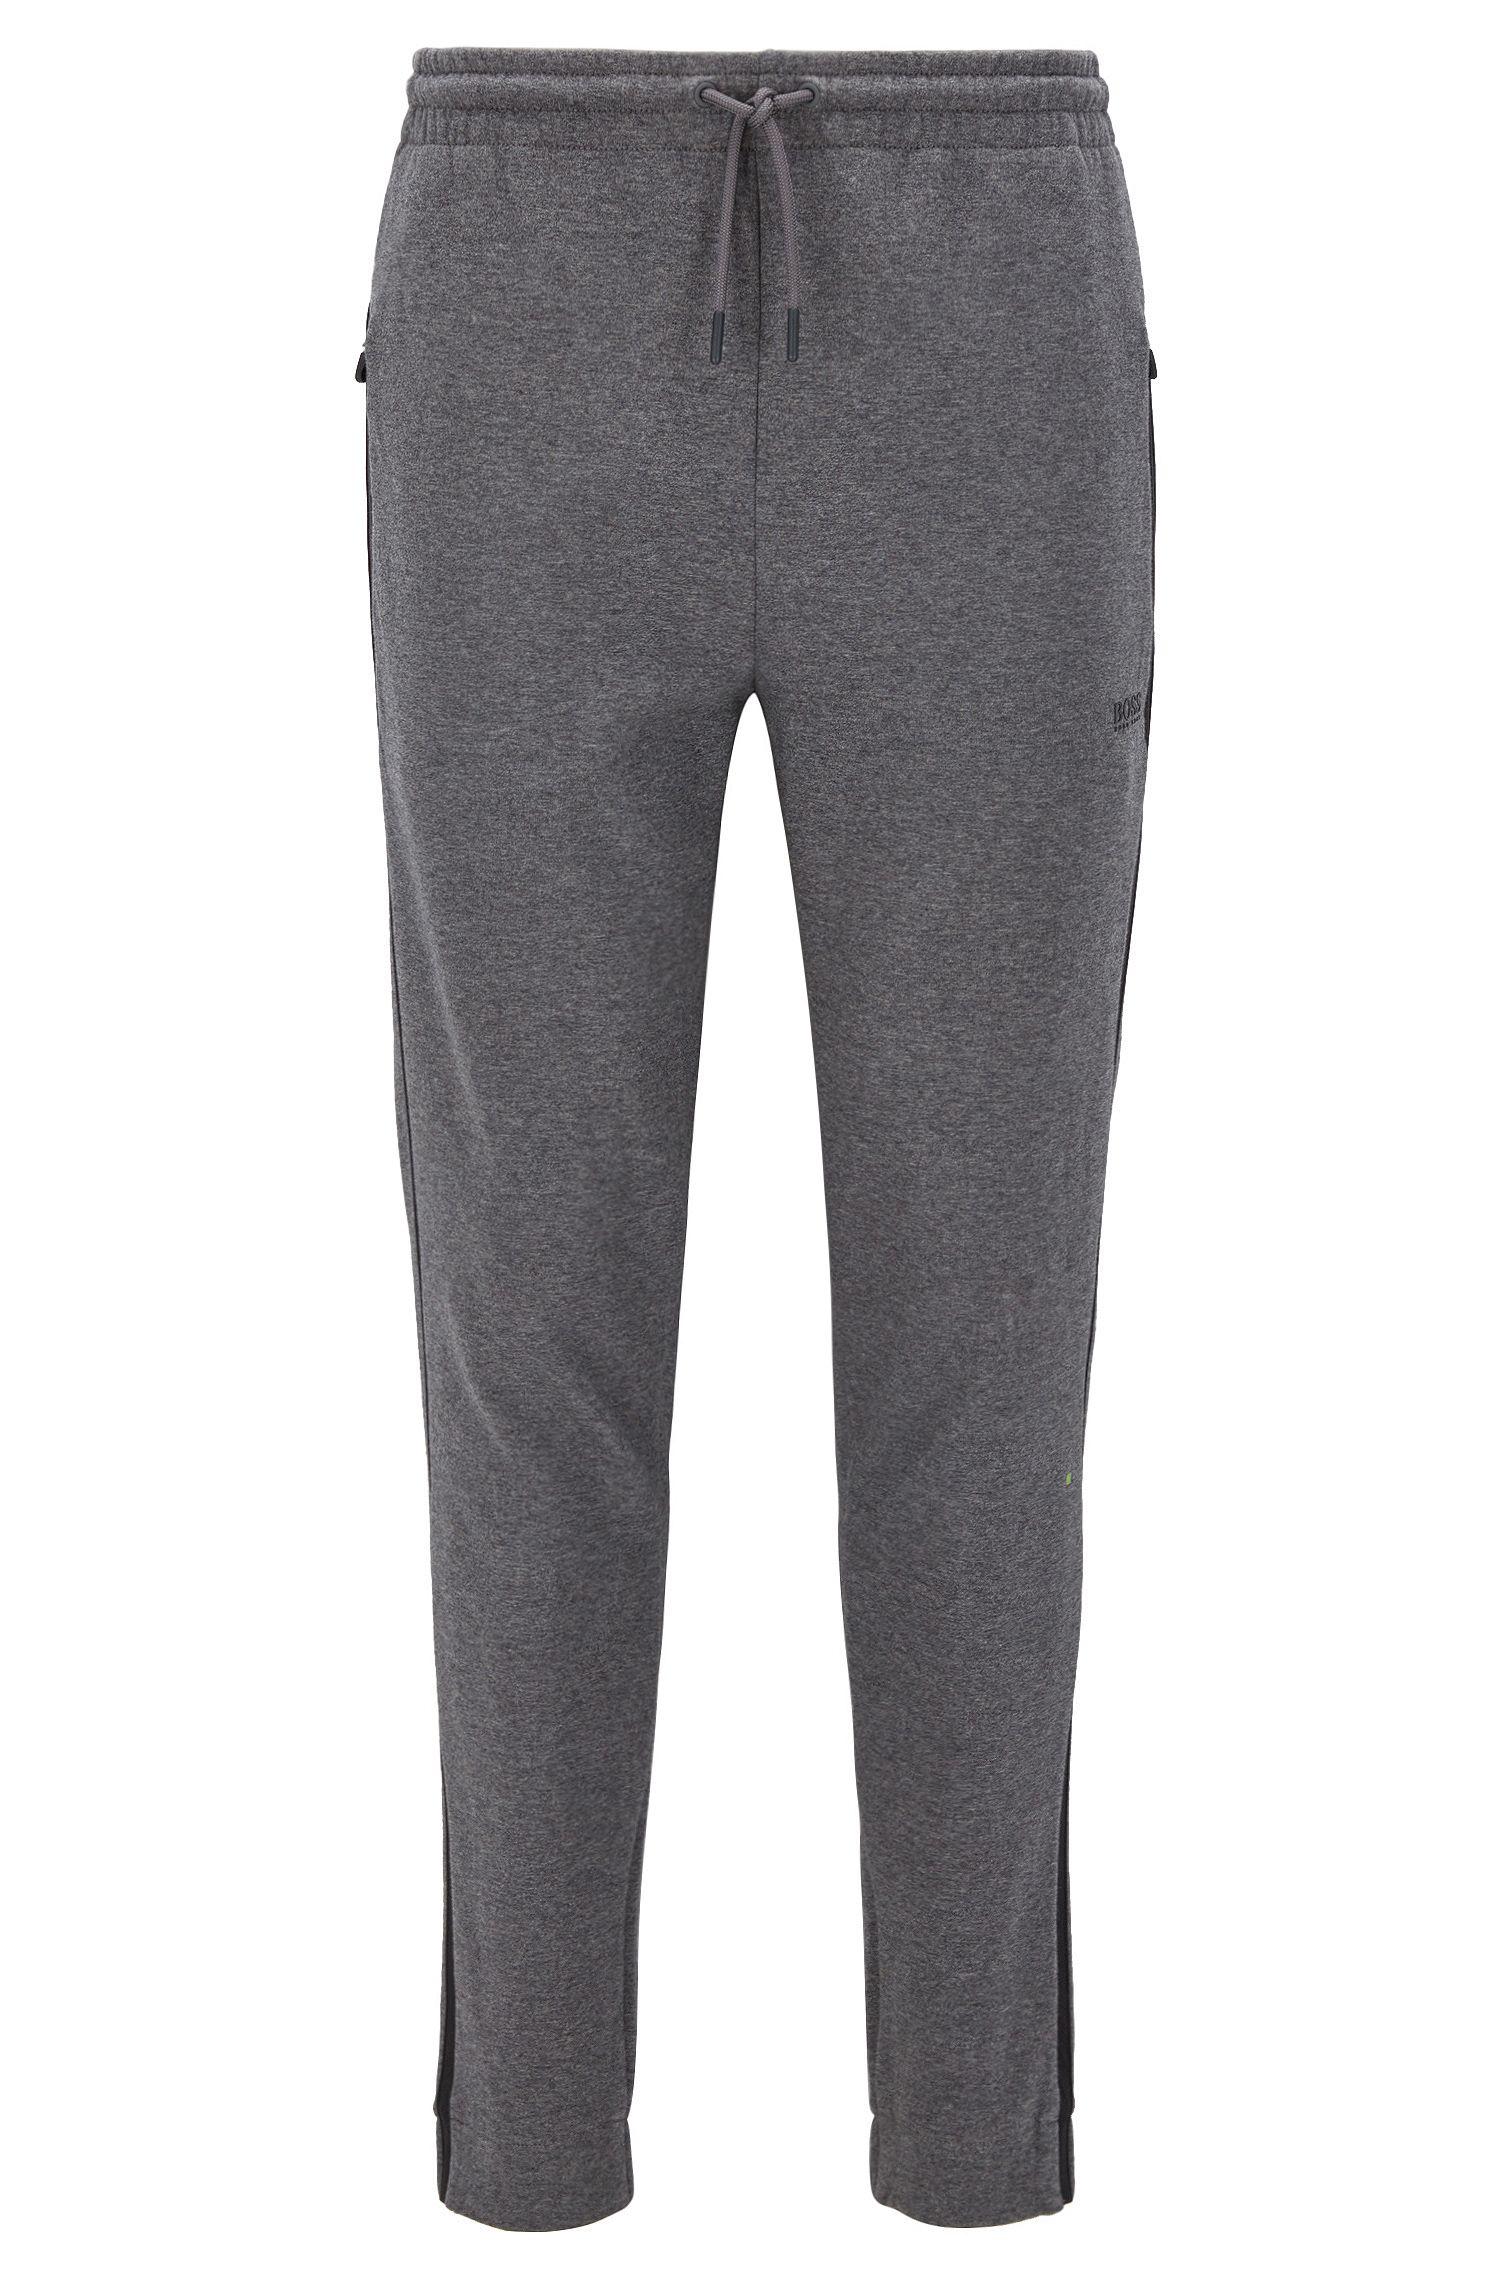 Pantaloni regular fit in jersey di misto cotone con righe a contrasto